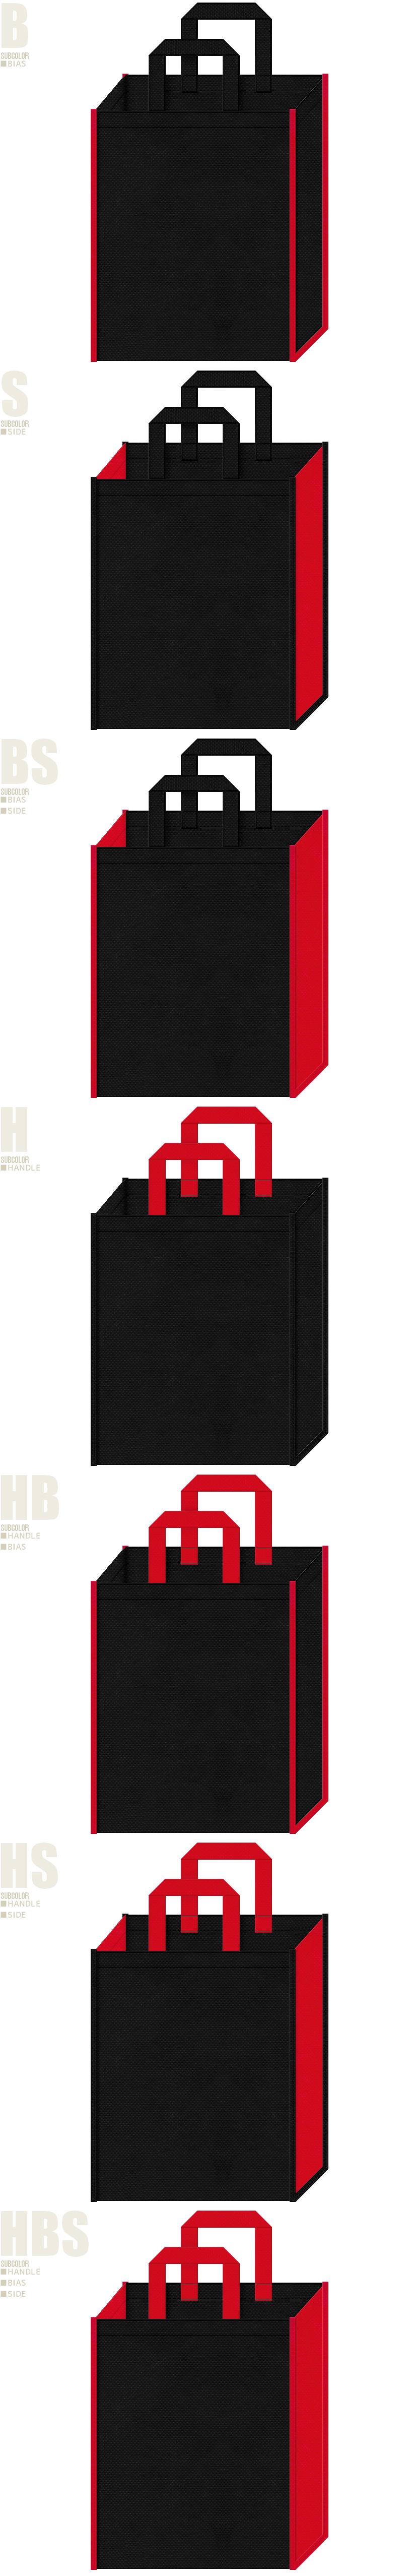 黒色と紅色、7パターンの不織布トートバッグ配色デザイン例。スポーティーファッションにお奨めです。